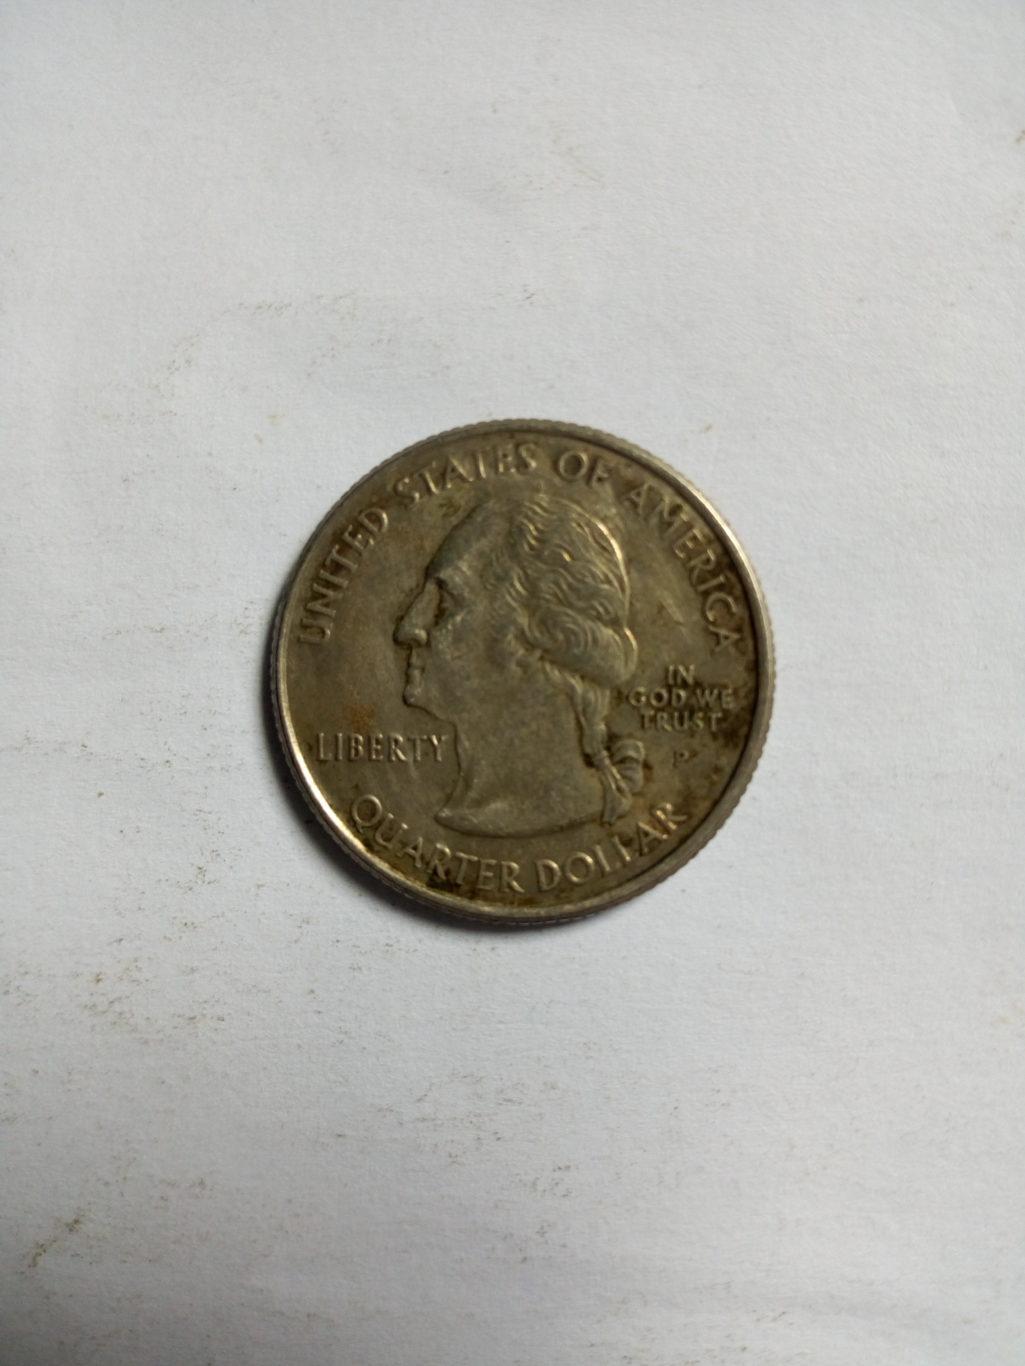 2004 united states of america quarter dollar